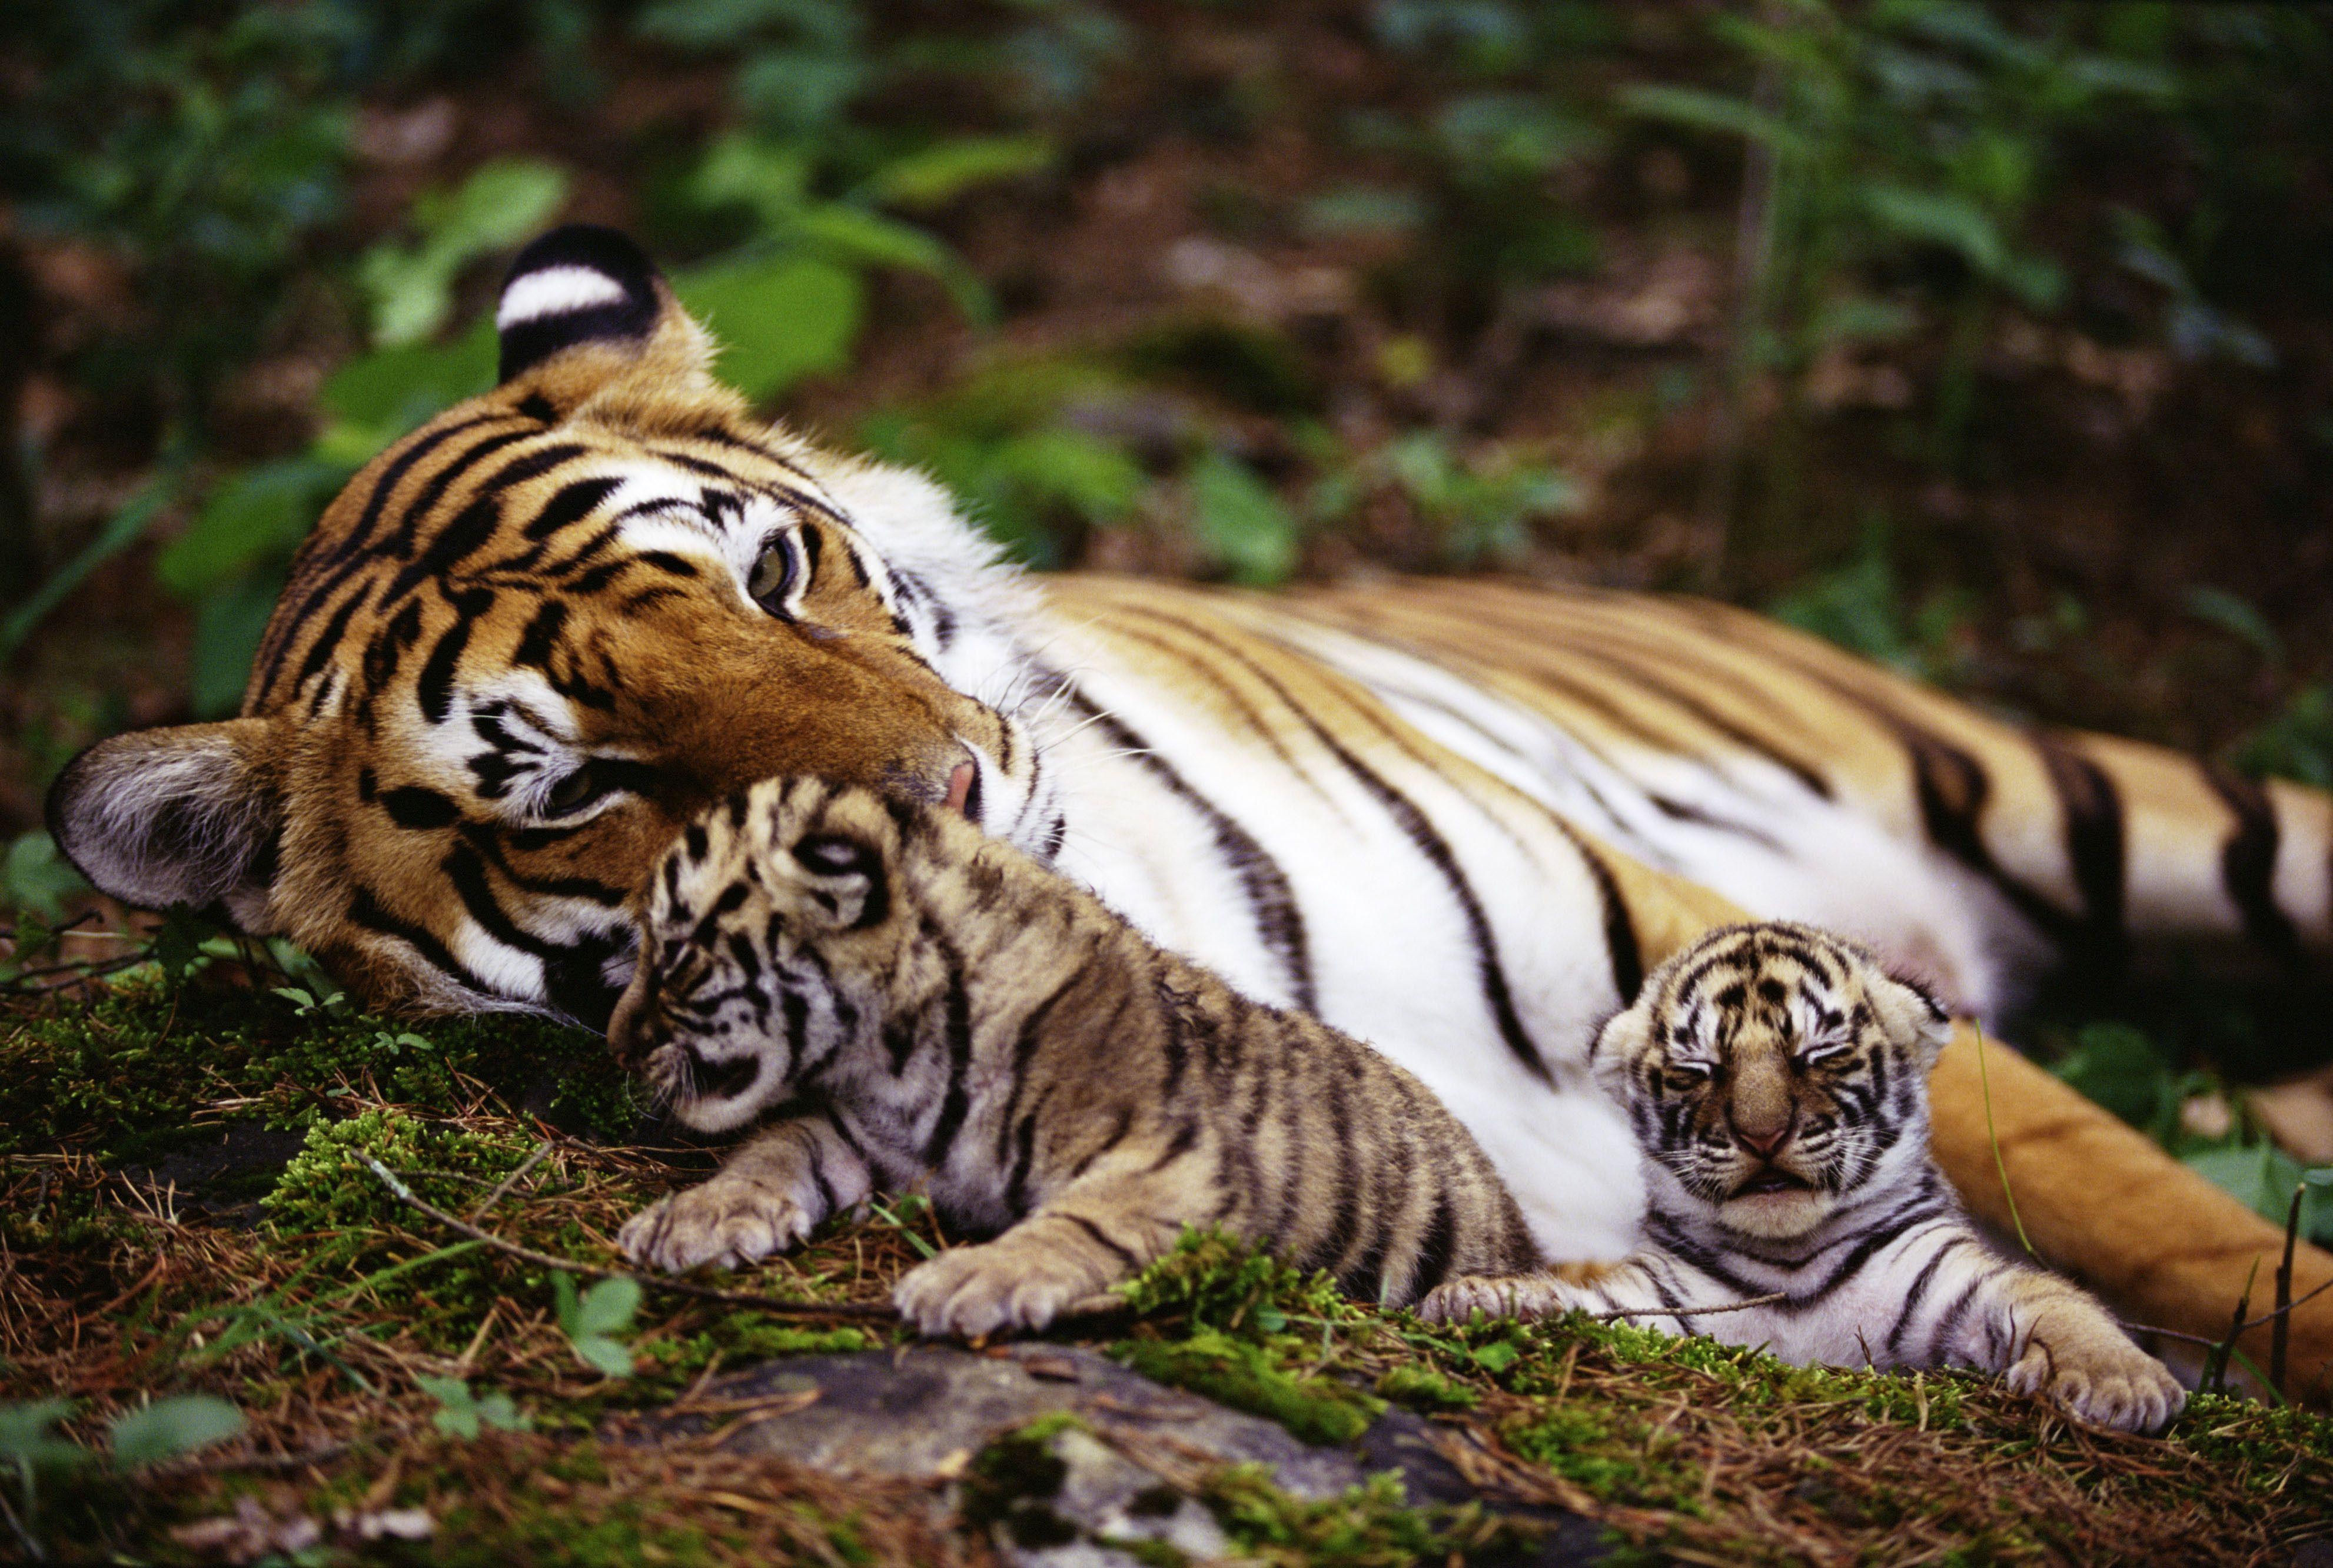 tiger and cubs cute! adorable | katten cats en katachtigen